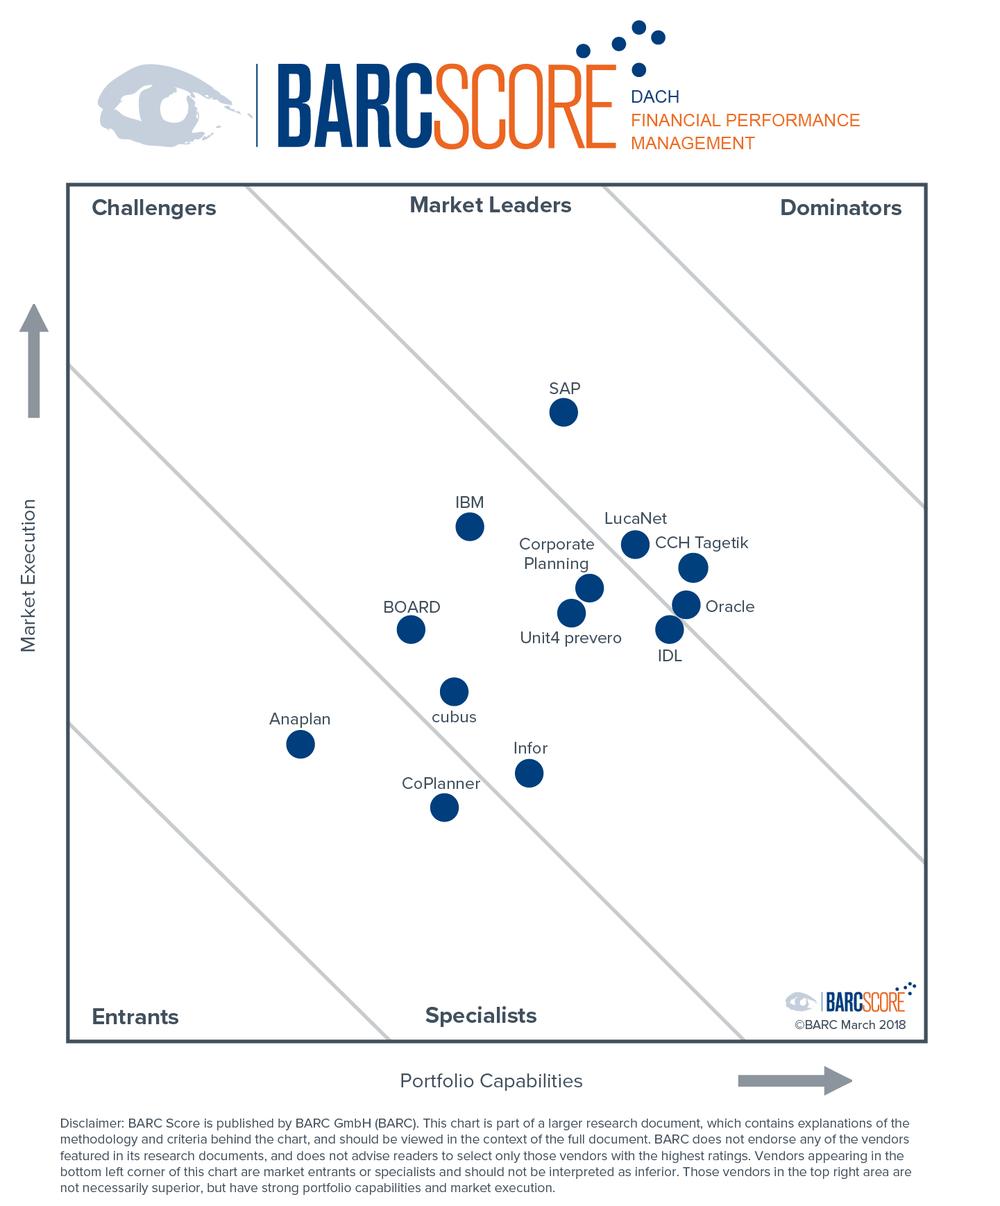 Score-FPM-DACH_Barc.PNG